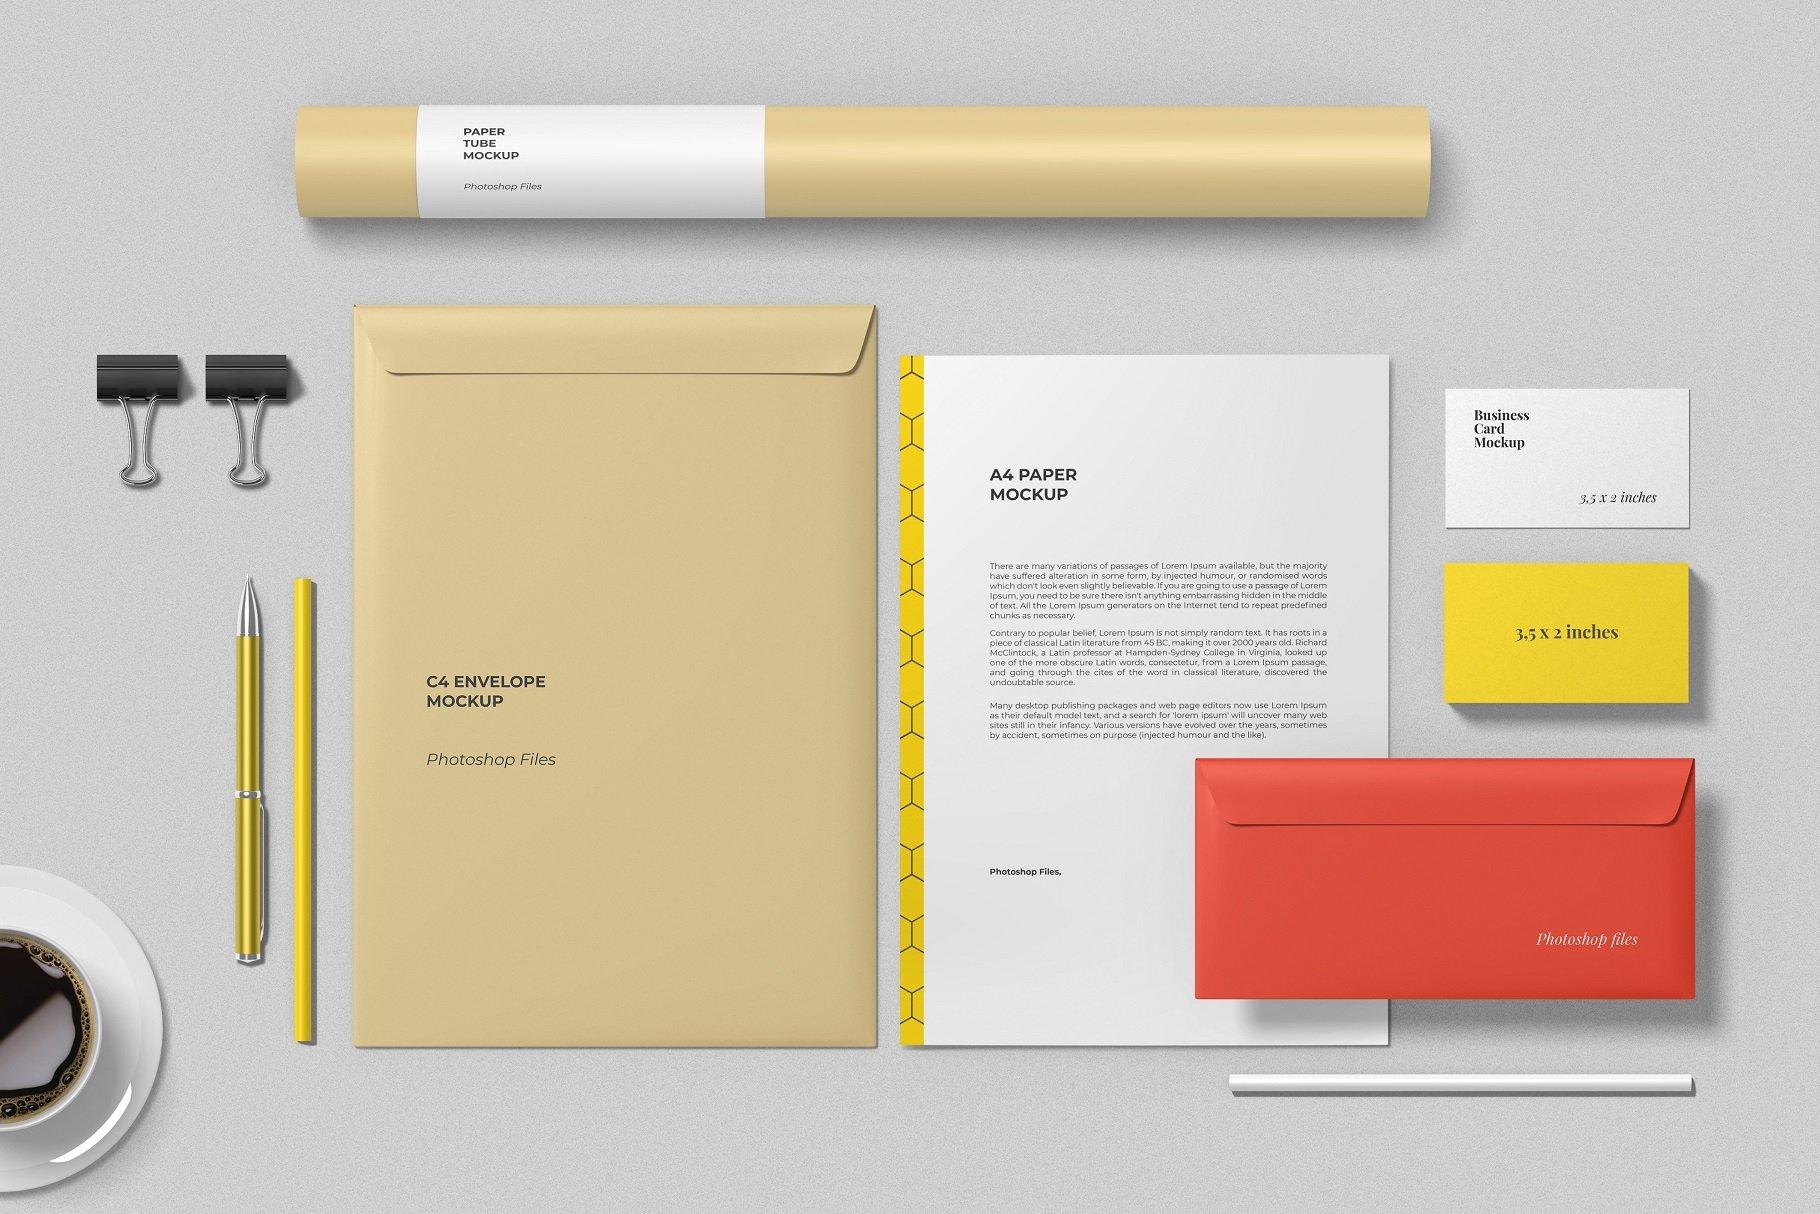 12个时尚简约品牌Logo设计办公用品展示贴图样机模板套装 Branding Mockup Scene Creator插图6